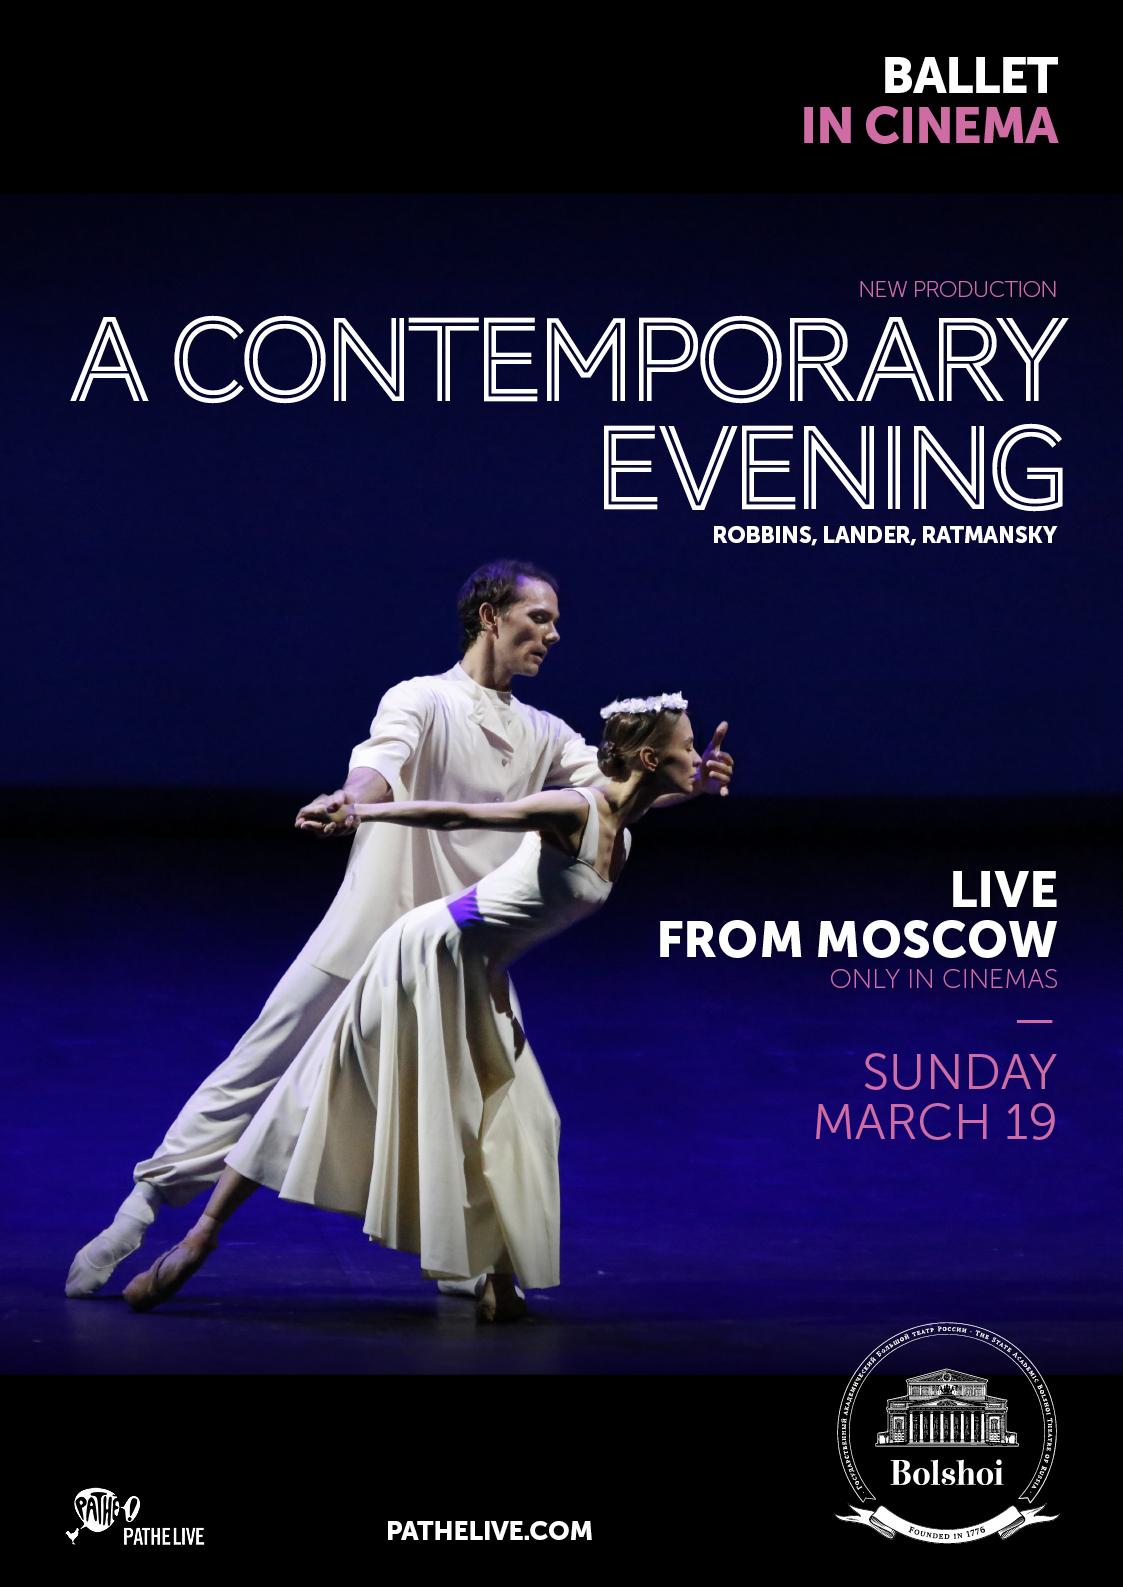 A Contemporary Evening